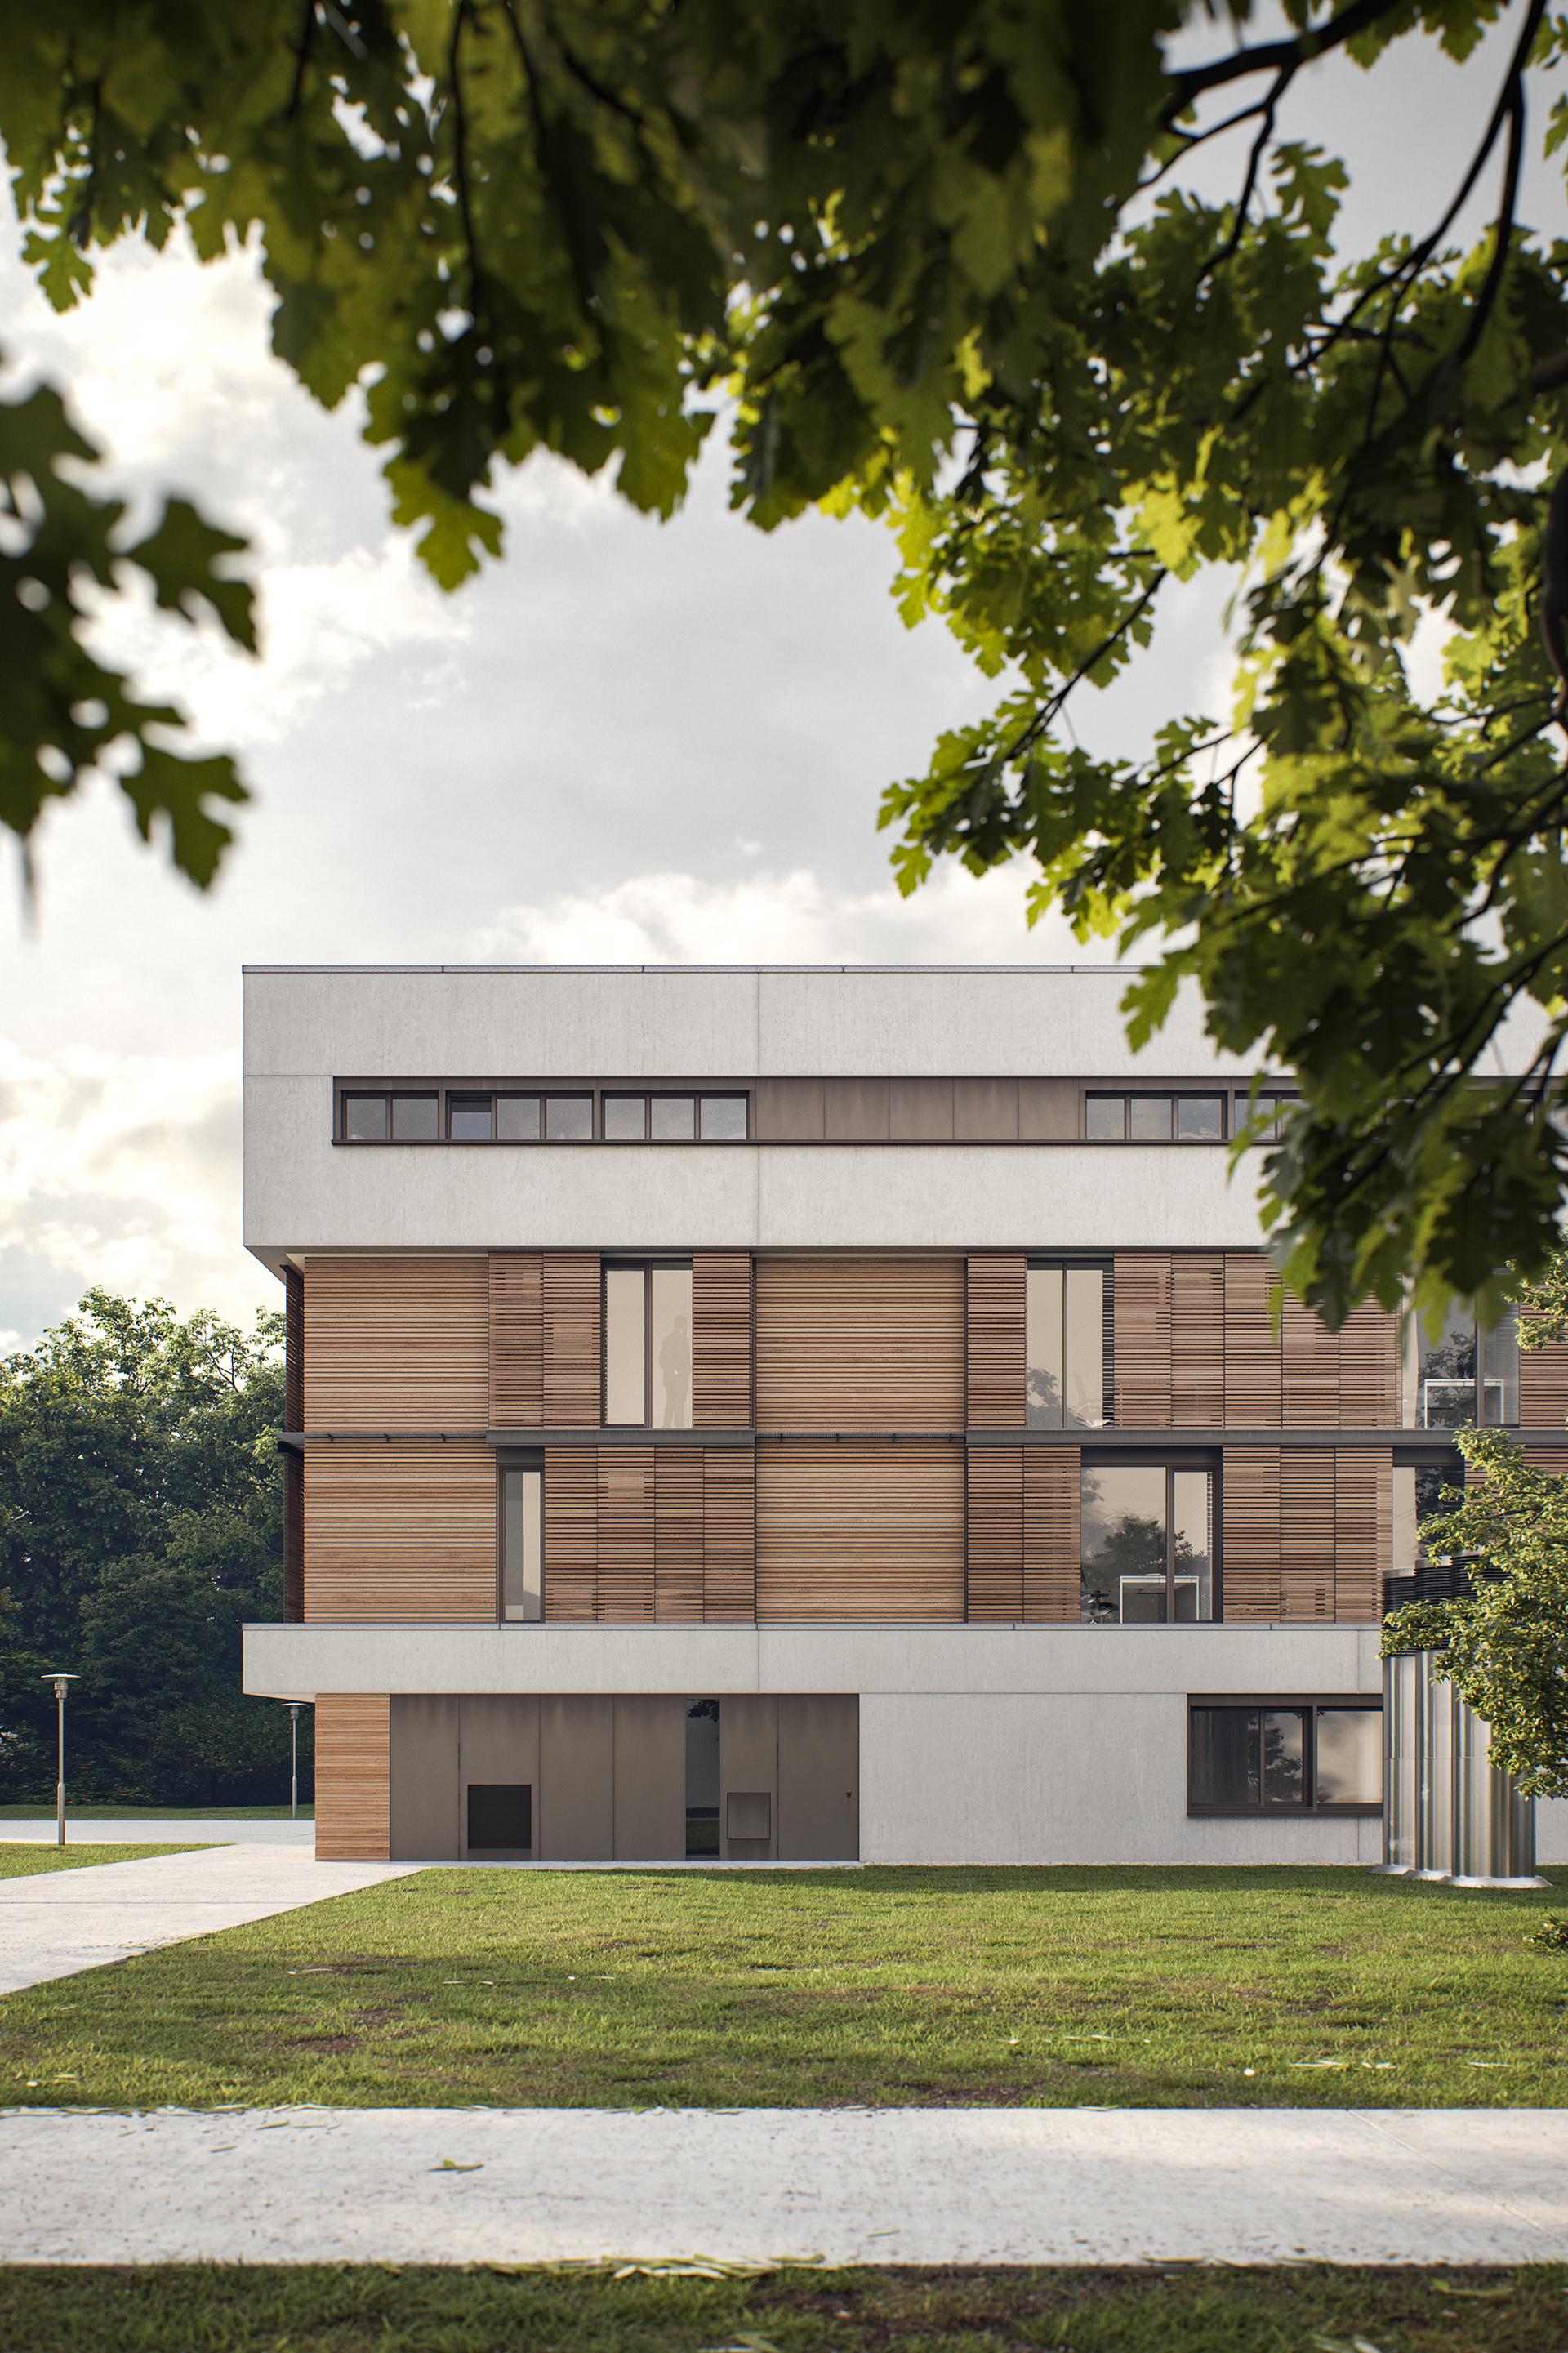 Campus - Regensburg